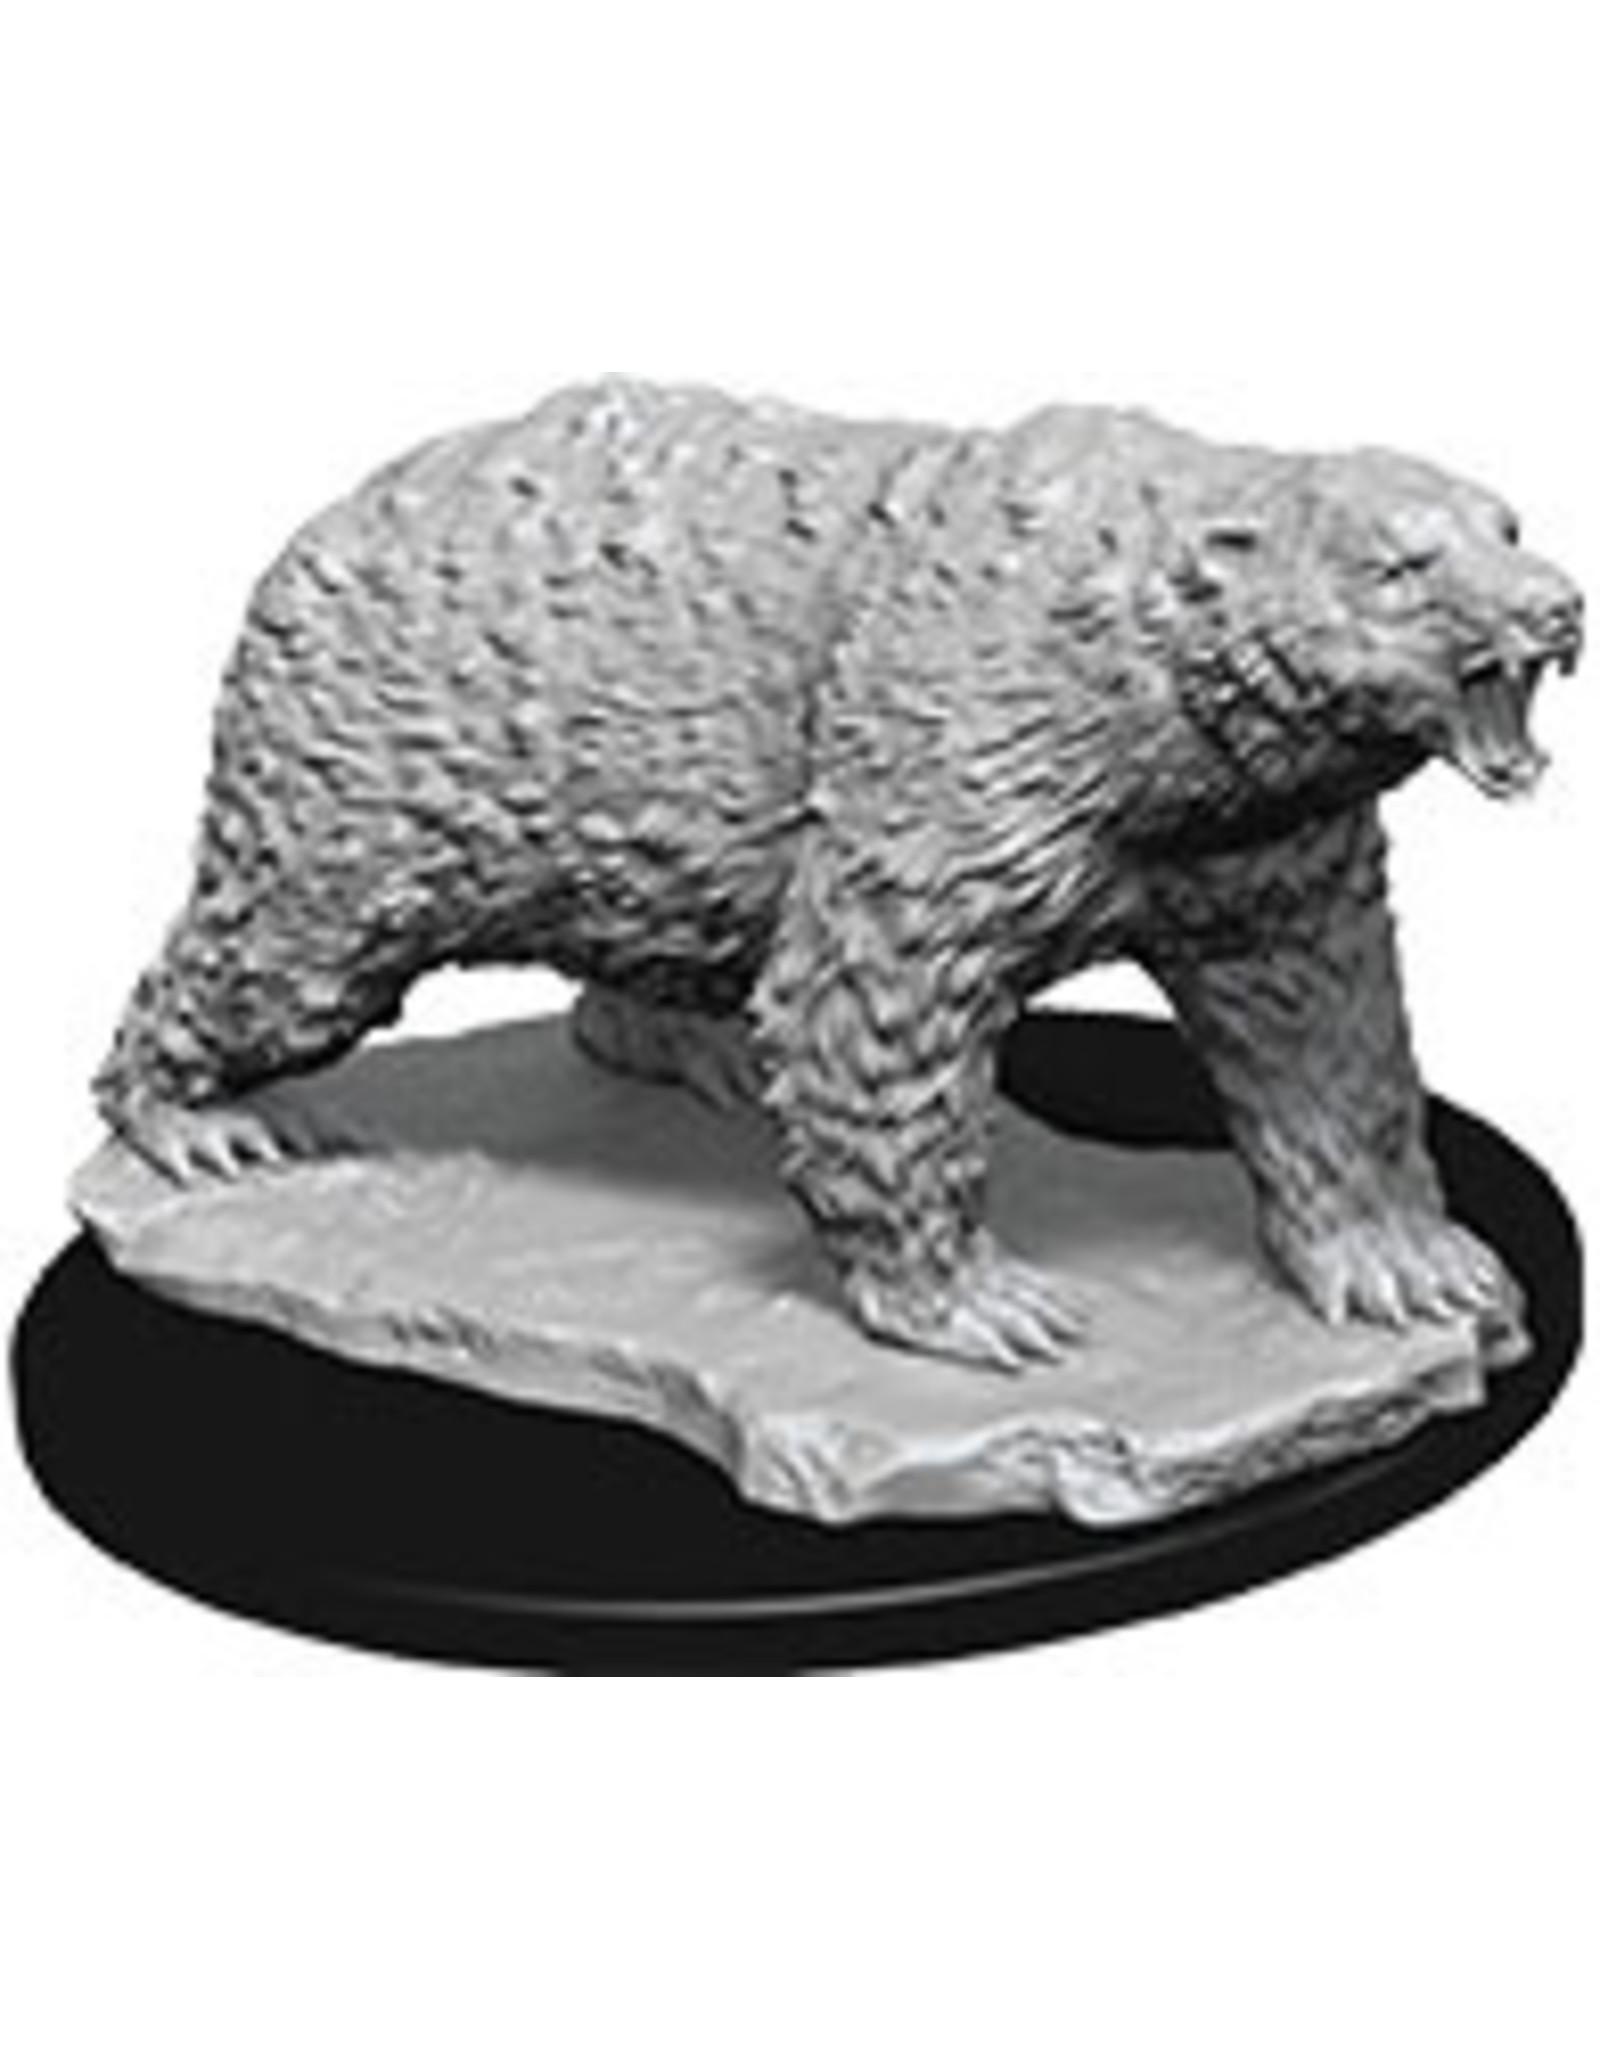 Wiz Kids Deep Cuts Unpainted Miniatures: W9 Polar Bear